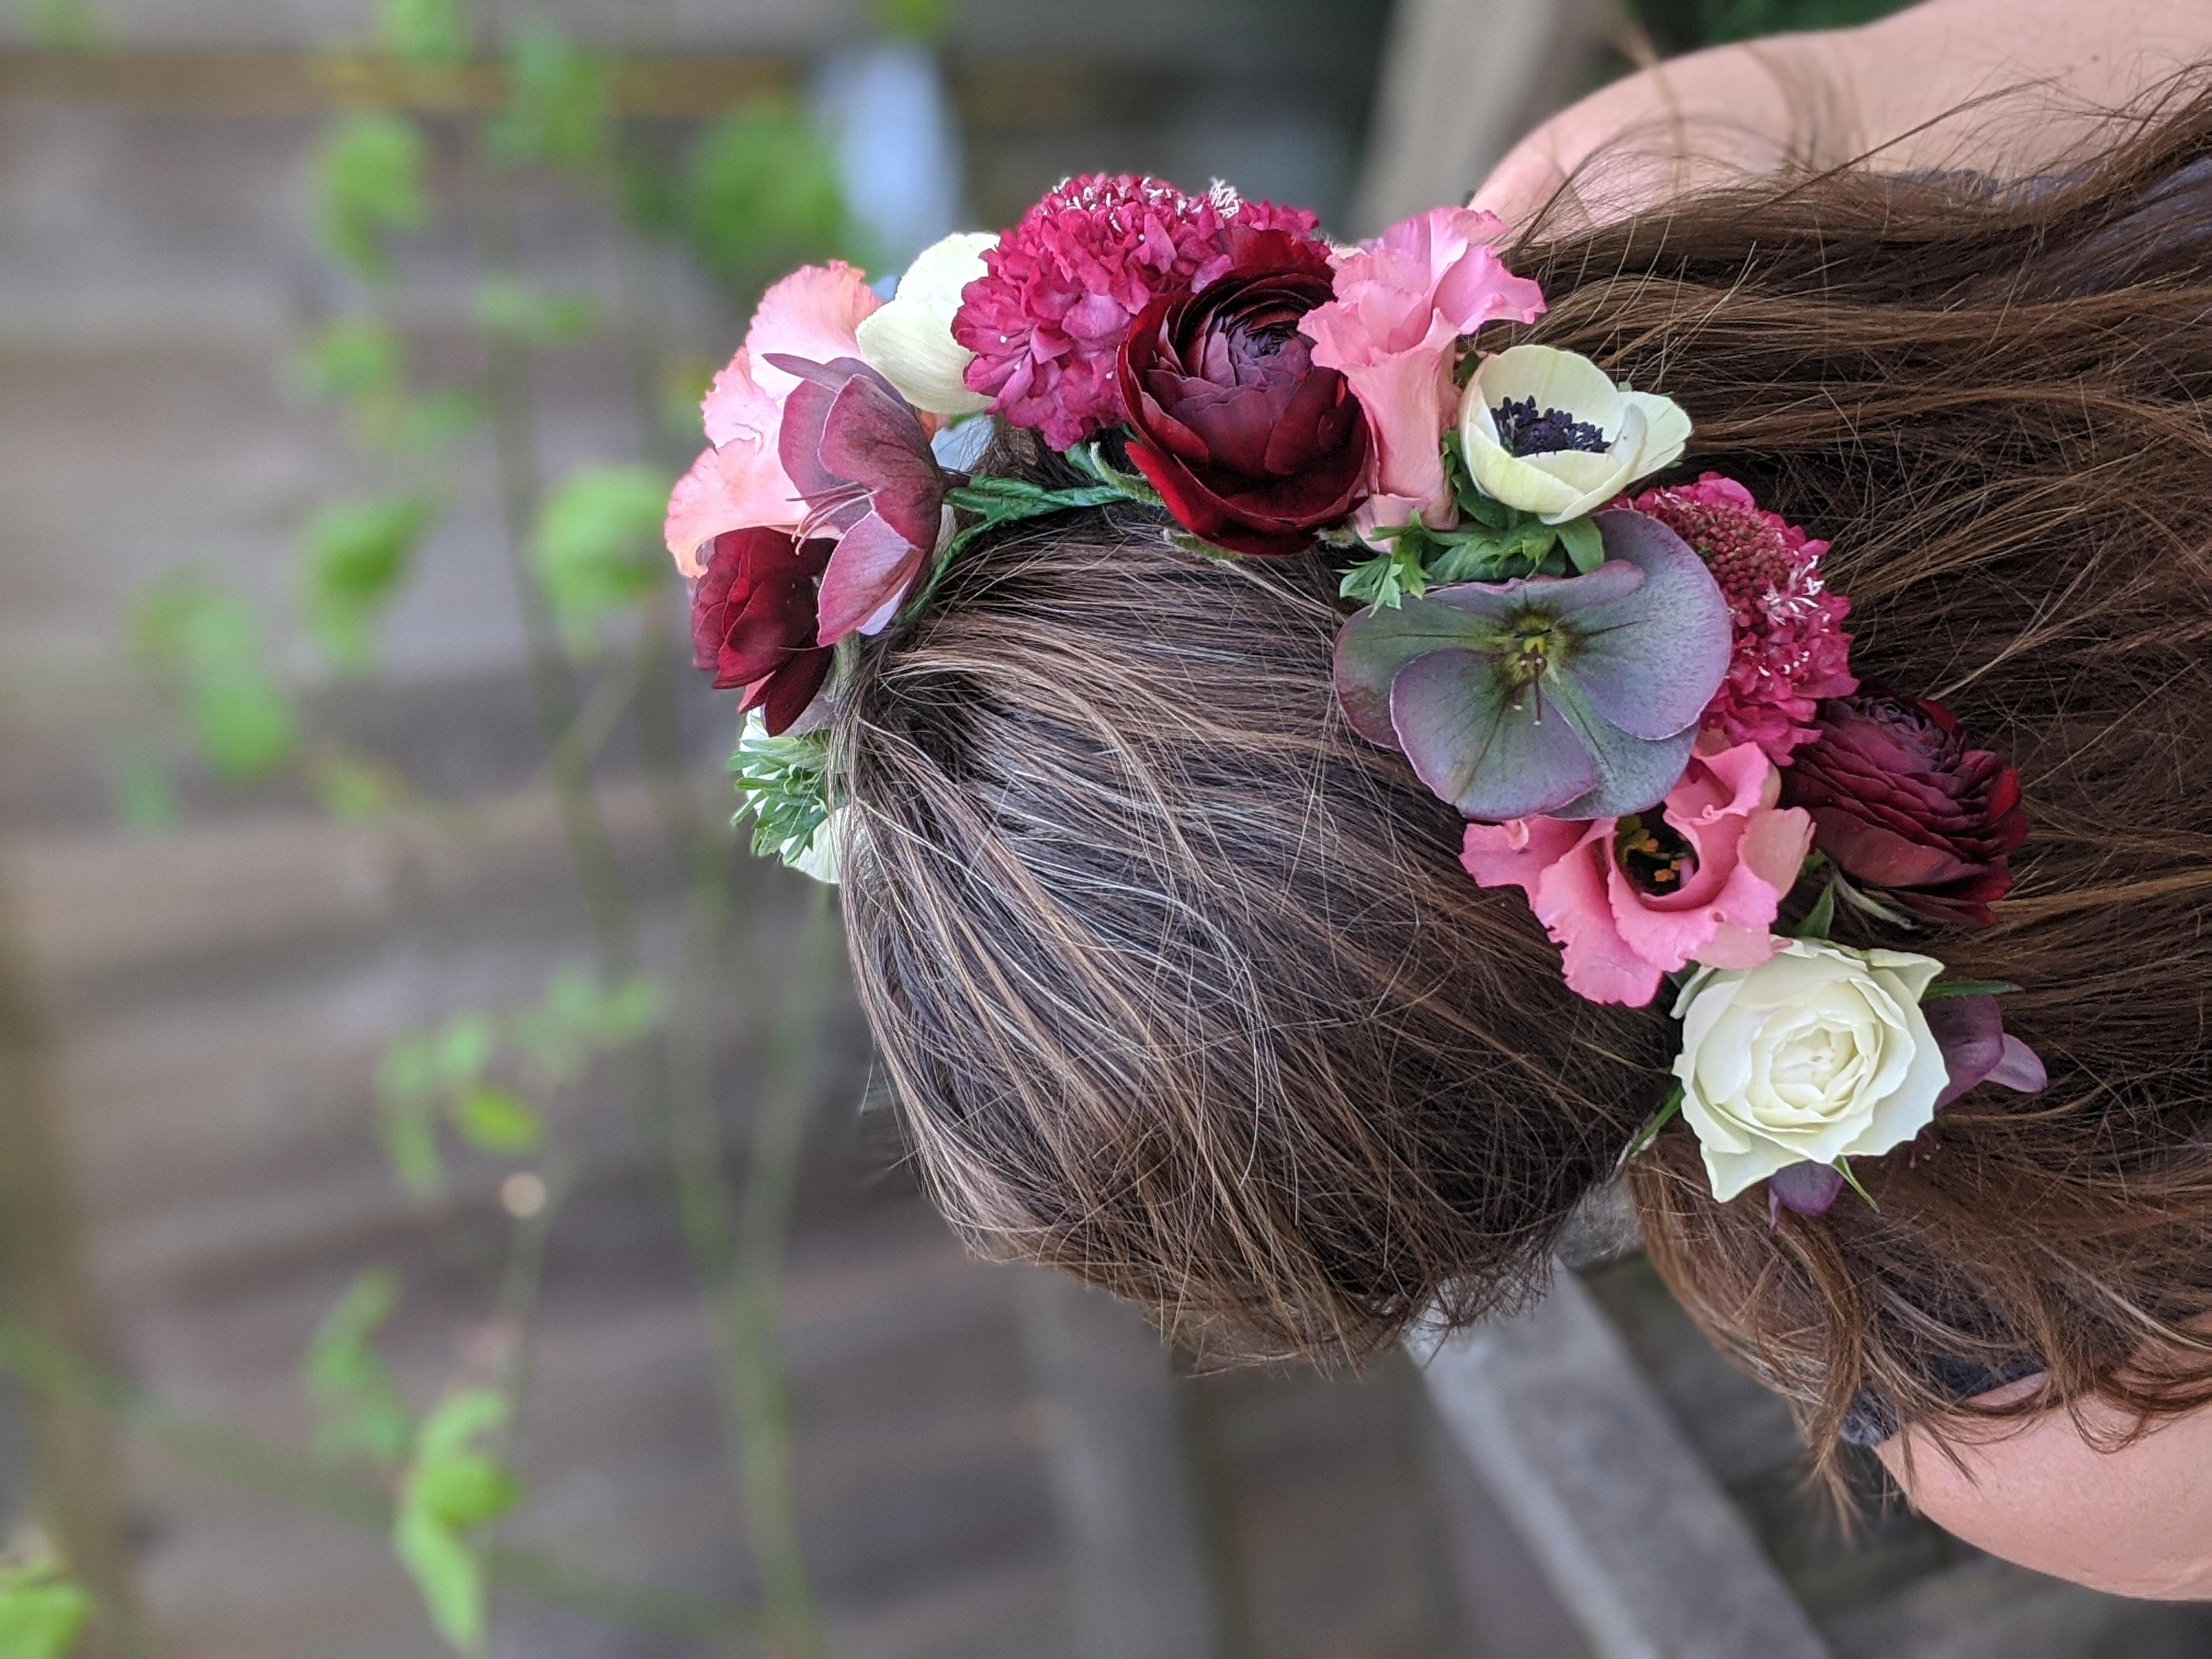 Flower Crown of Dreams